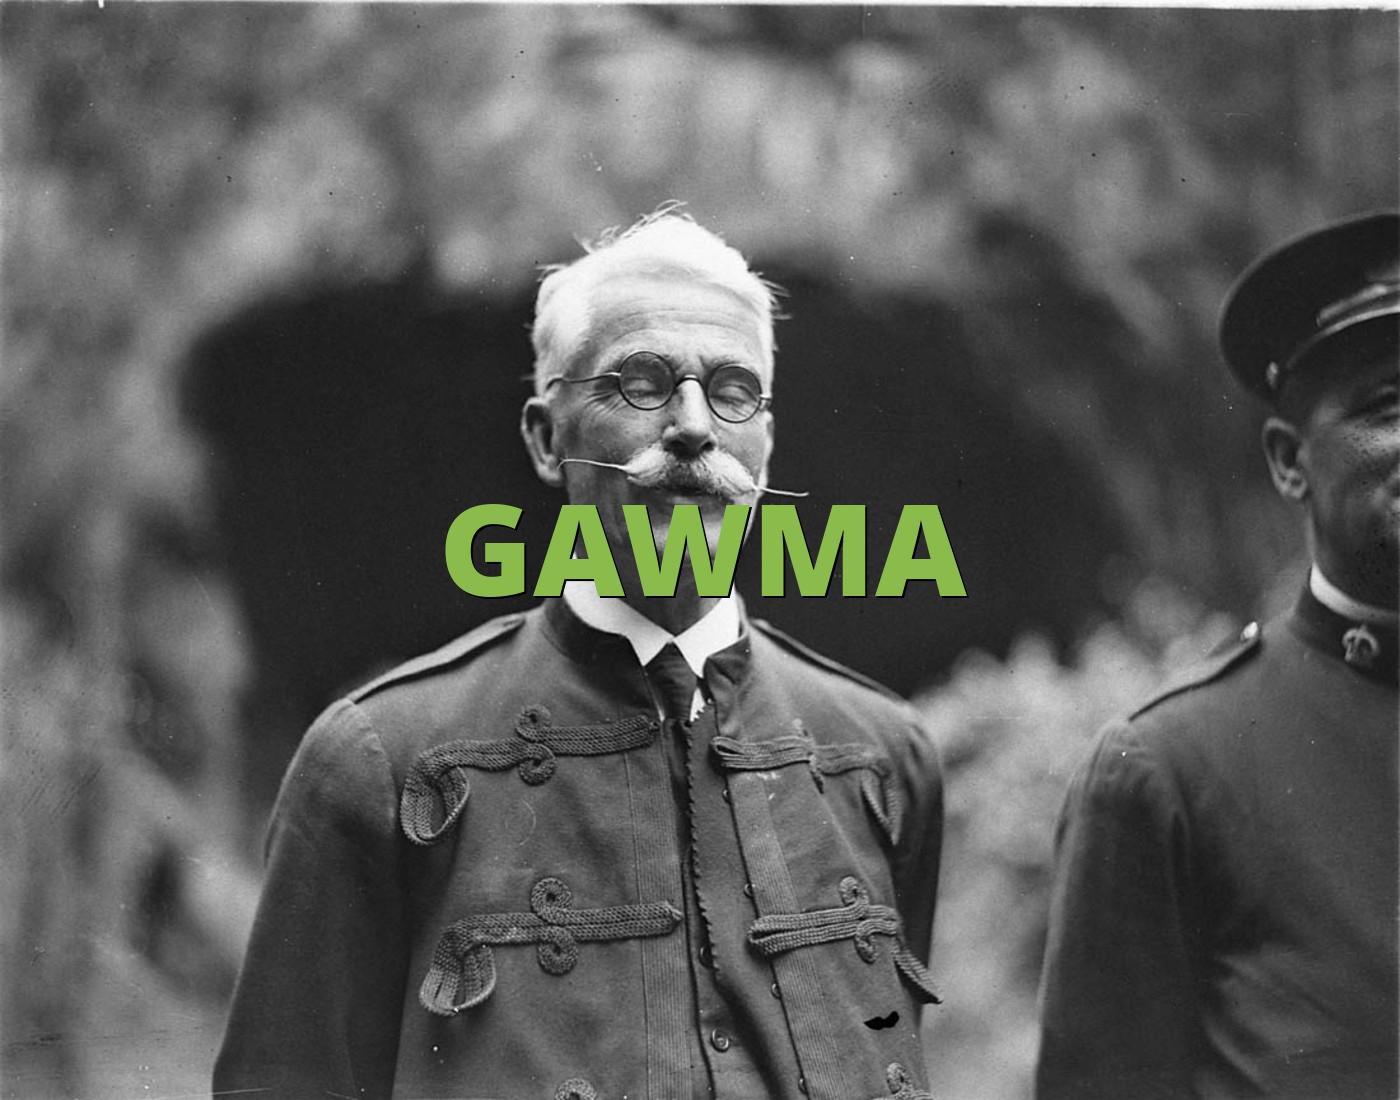 GAWMA